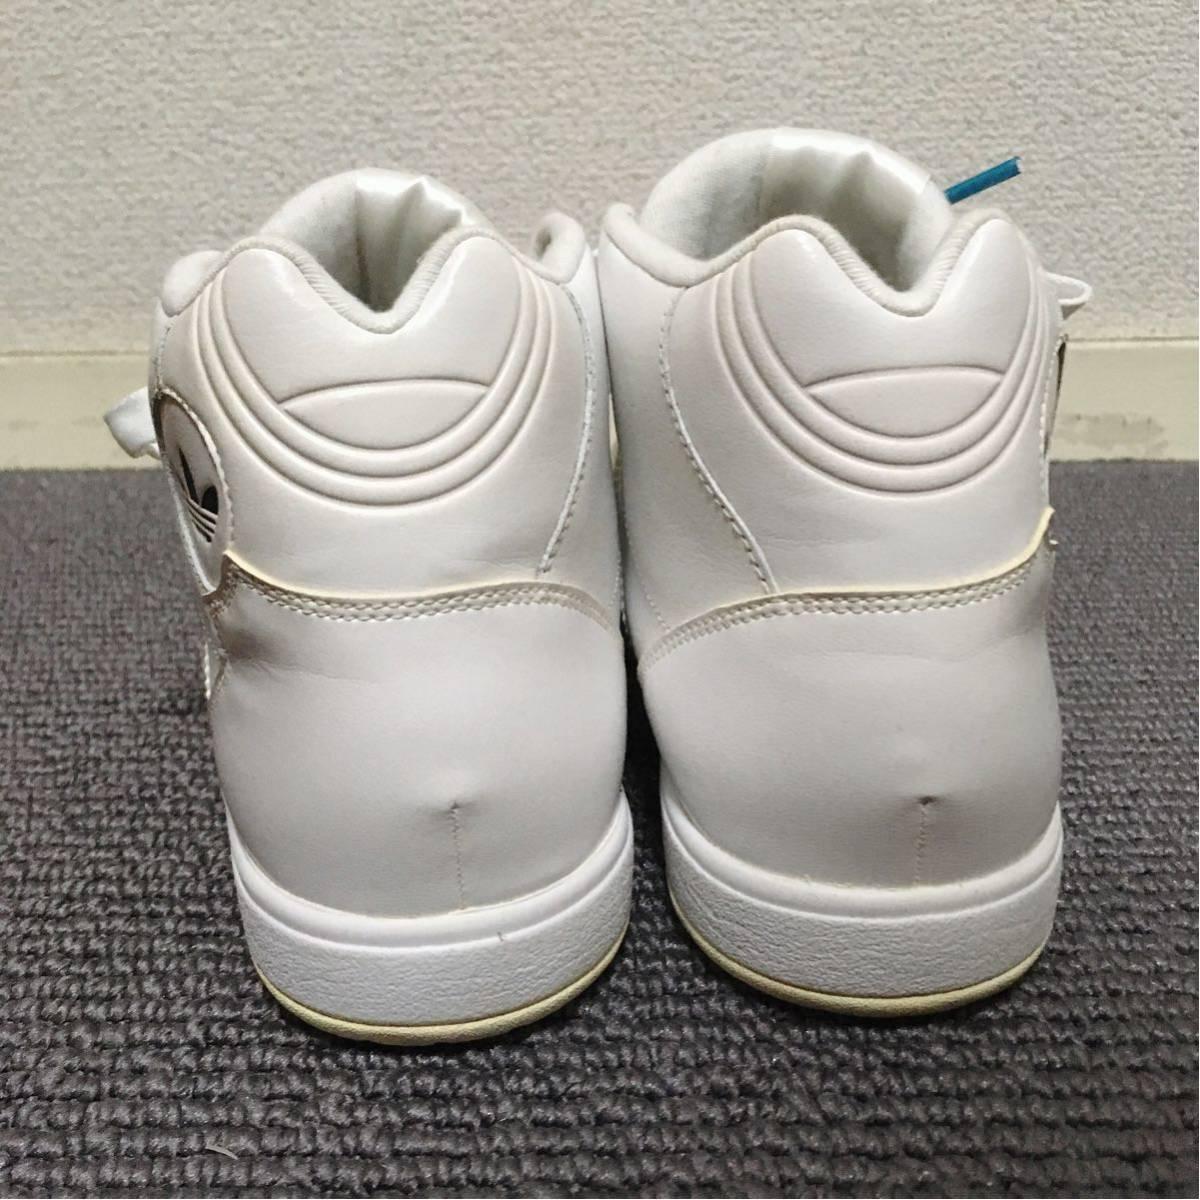 【極美品】adidas ハイカットスニーカー 白 23.5 アディダス_画像9